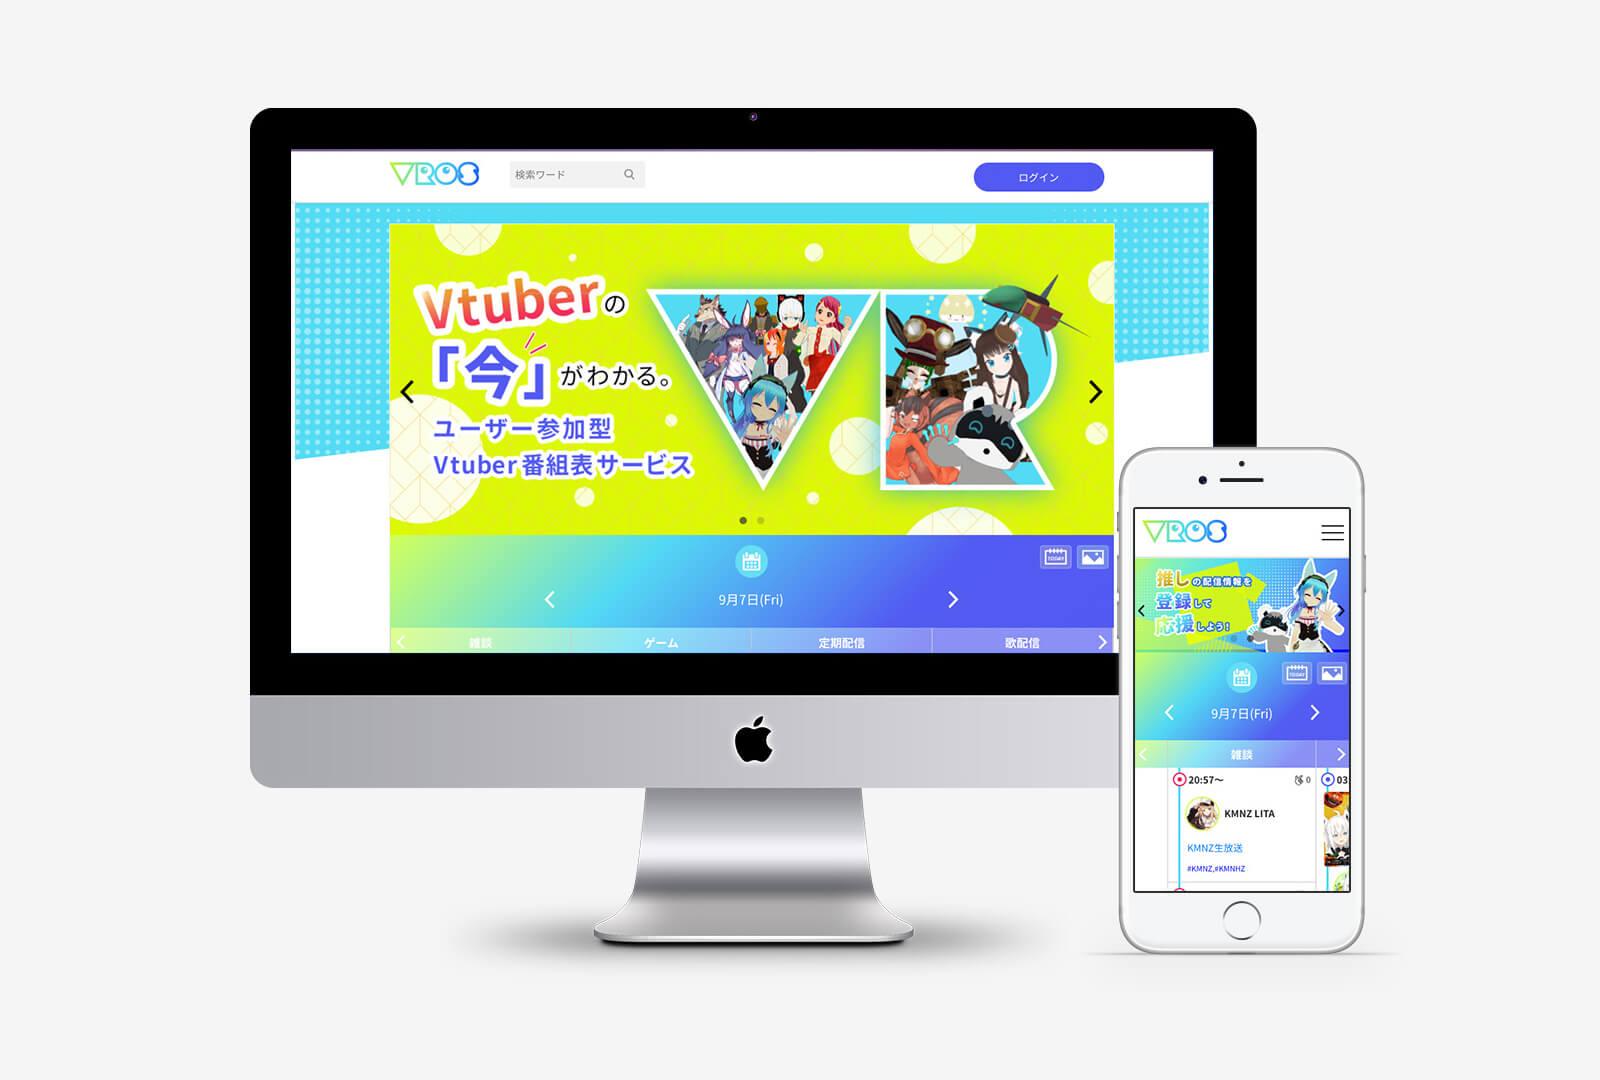 Vtuberの「今」がわかる。ユーザー参加型のVtuber番組表サービス 「VROS(ブロス)」https://vros.jp の提供開始